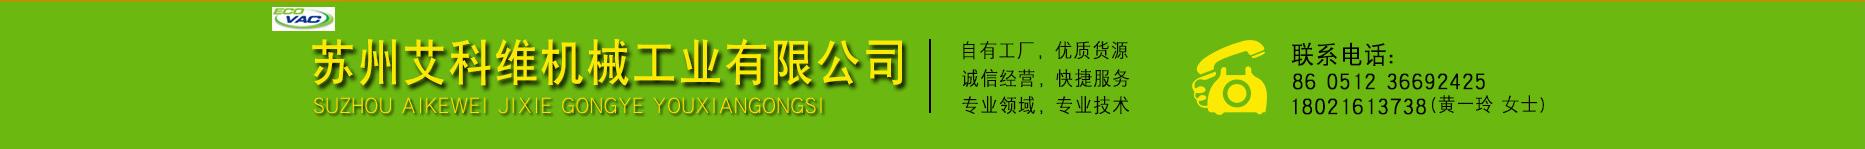 蘇州艾科維機械工業有限公司